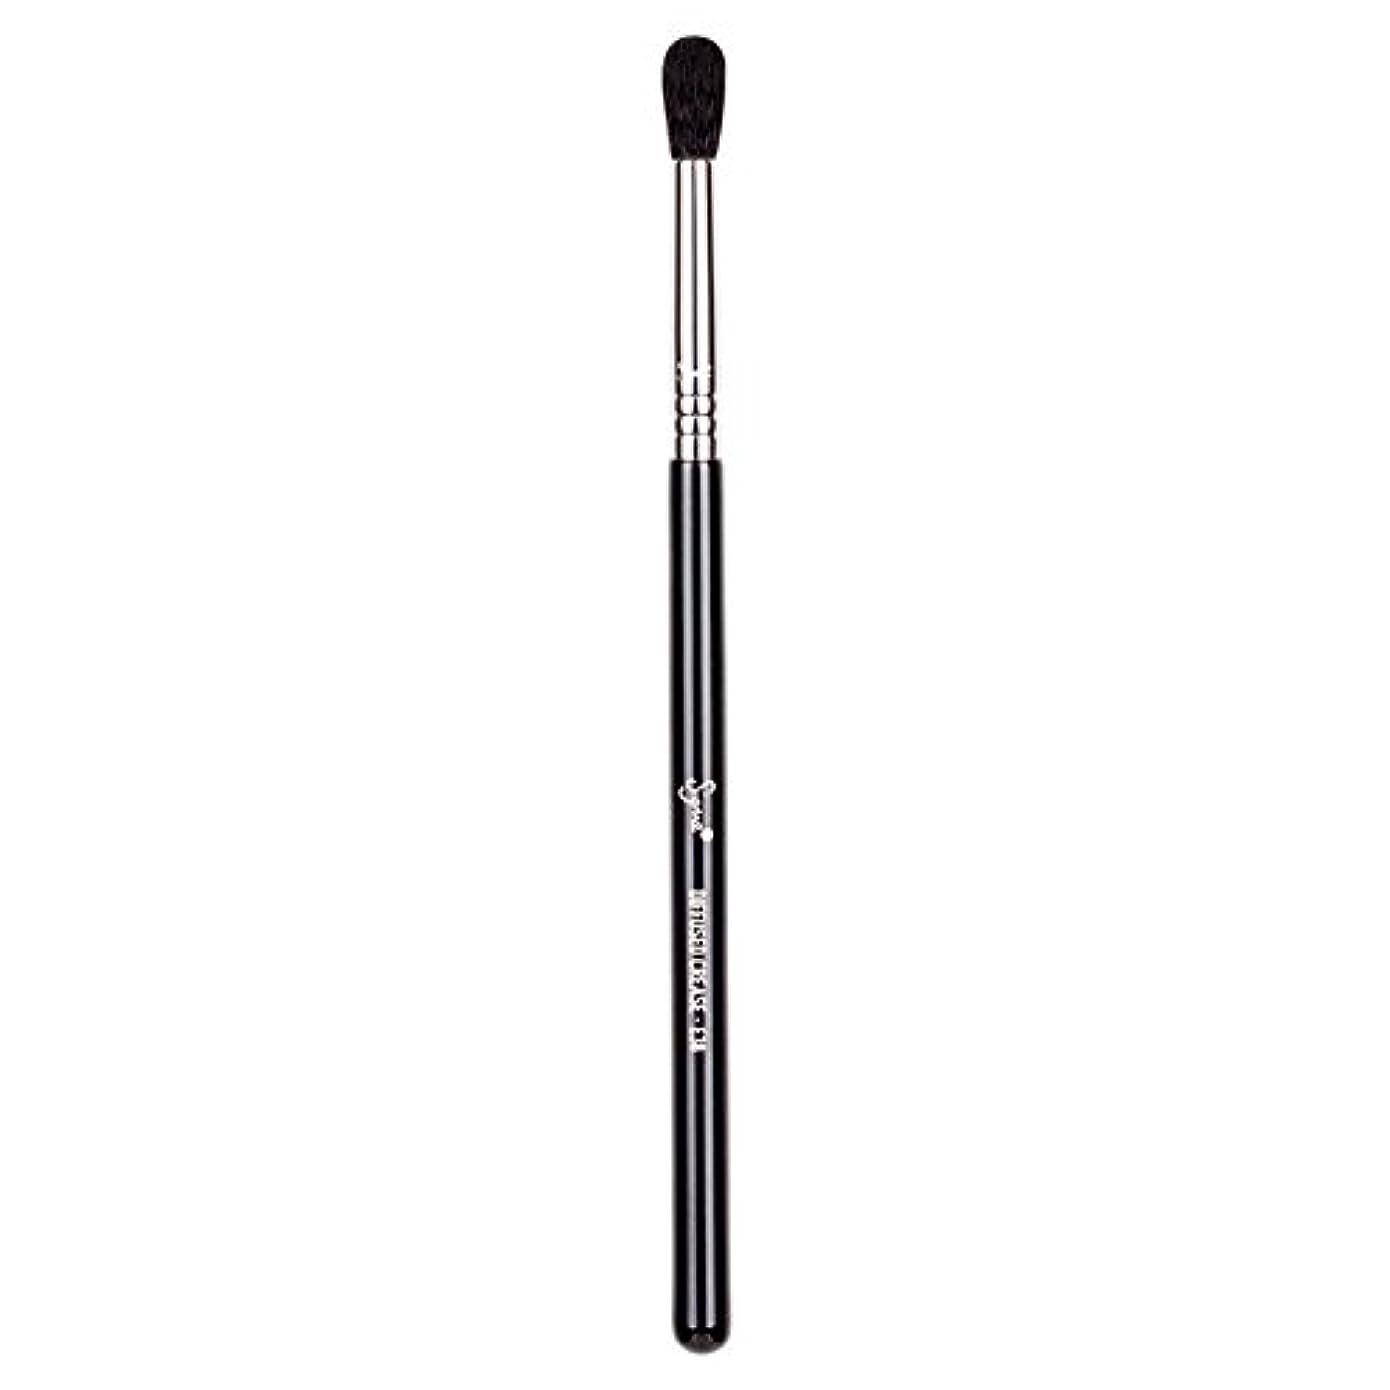 法廷サイクル抵抗力があるSigma Beauty E38 Diffused Crease Brush -並行輸入品